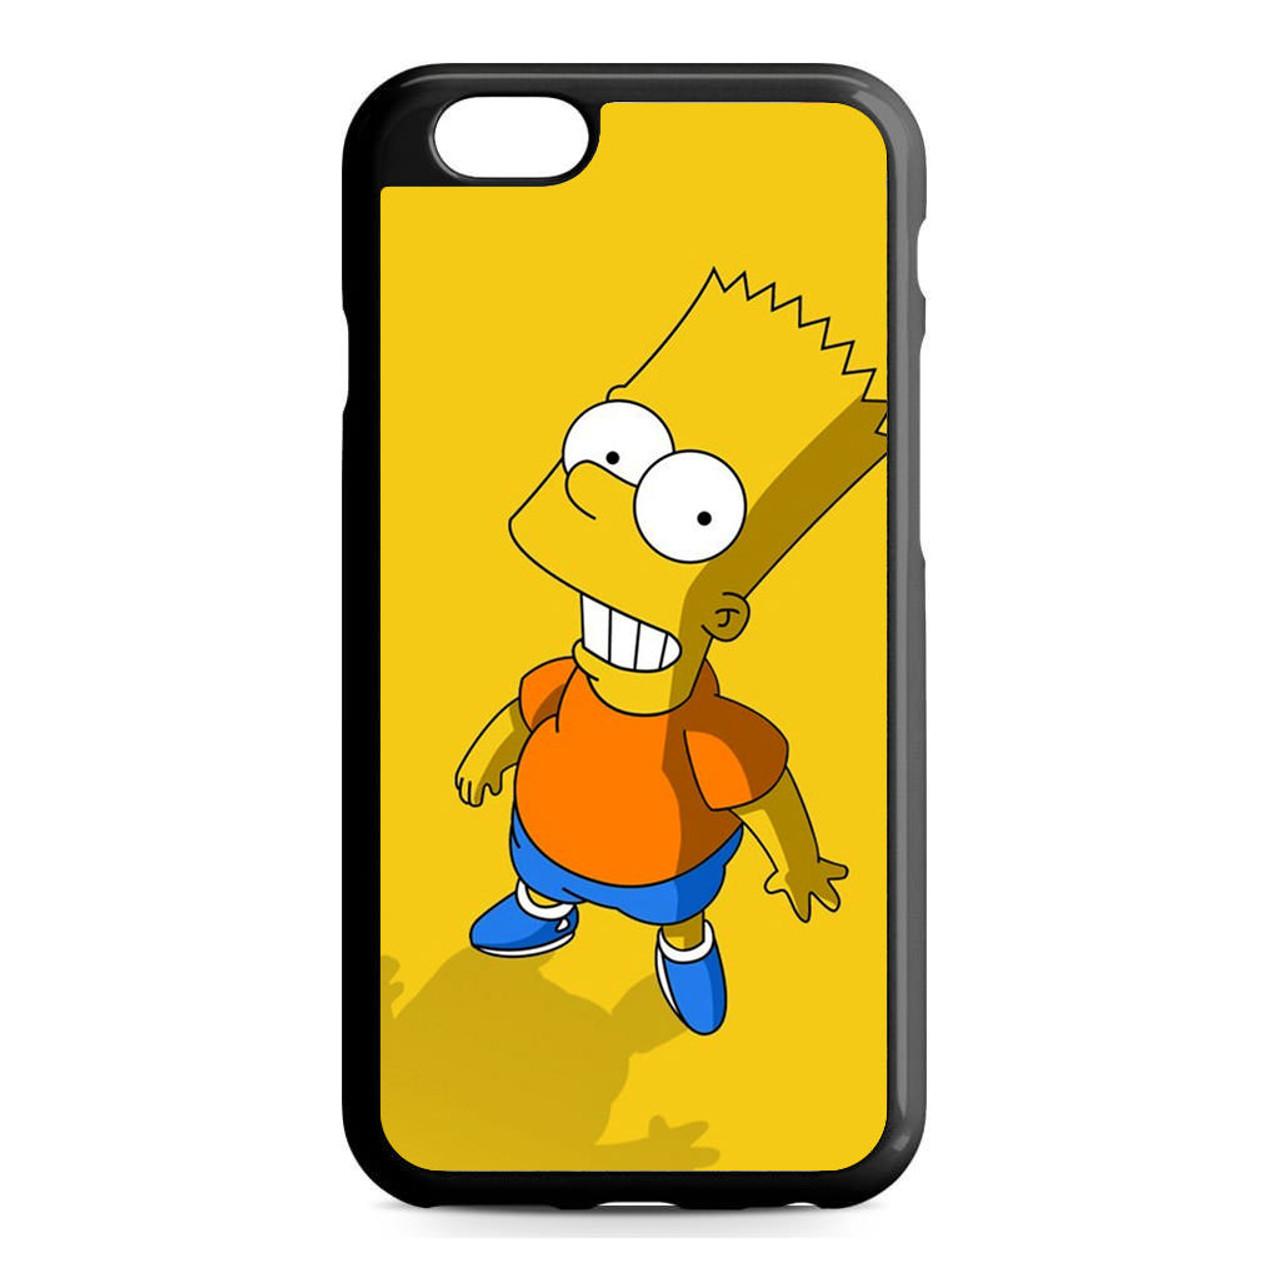 e292830fd035 Bart iPhone 6 6S Case - GGIANS